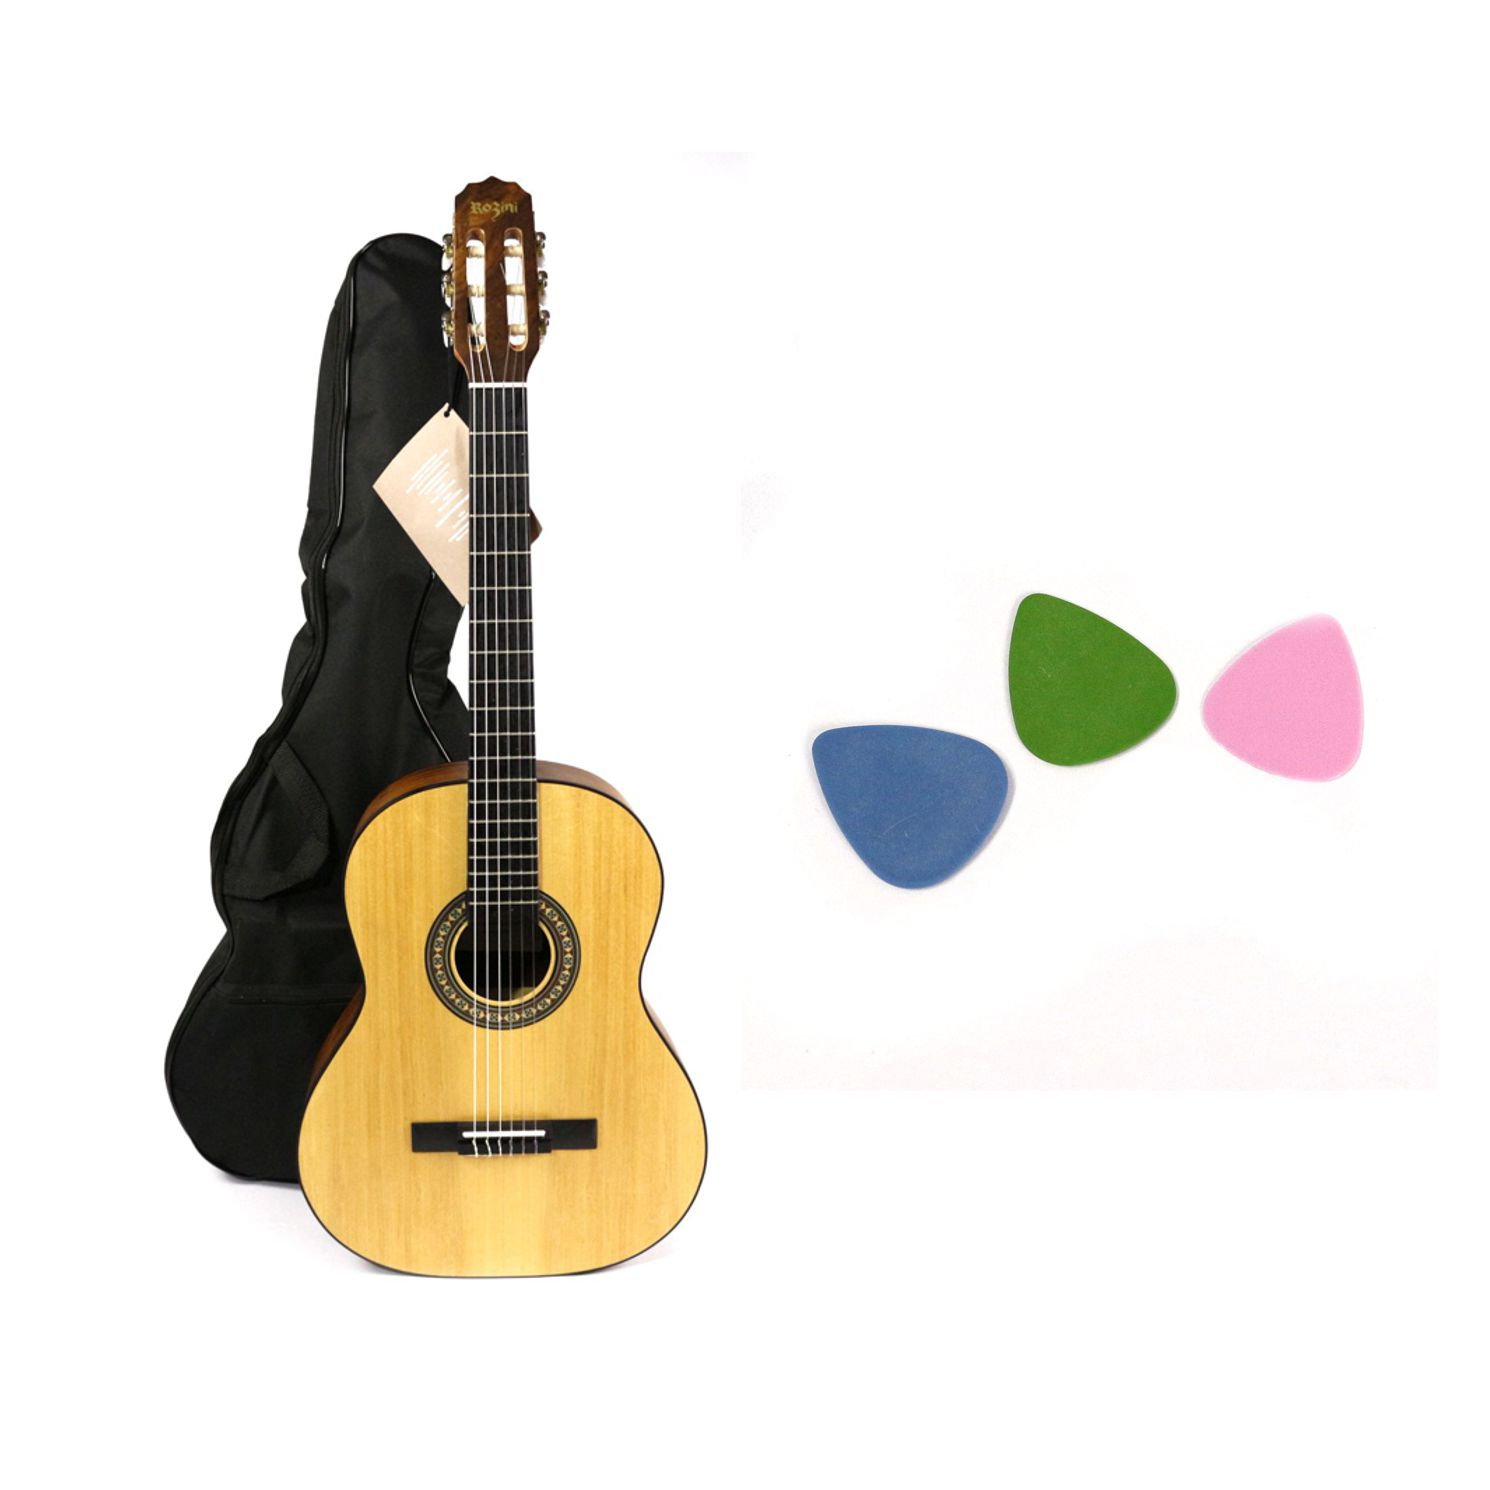 Kit com Violão NYLON Rozini Acústico RX201 Fosco com Capa Simples e Palhetas